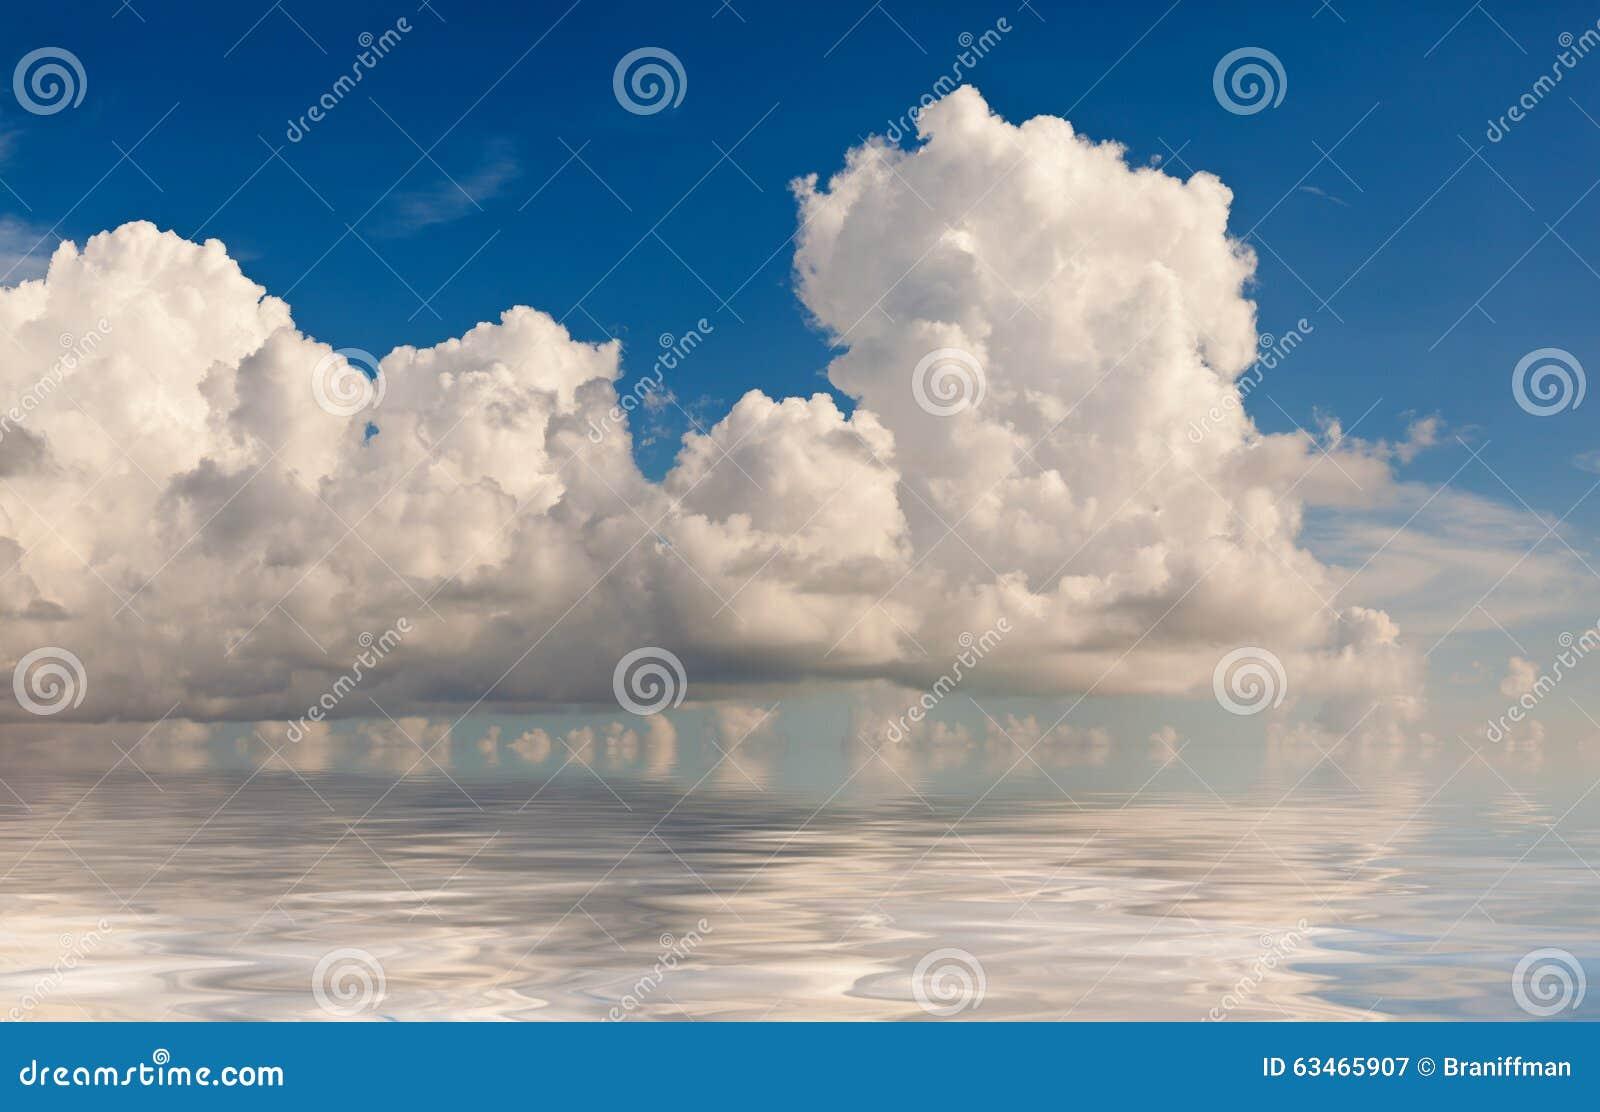 Formation de nuage